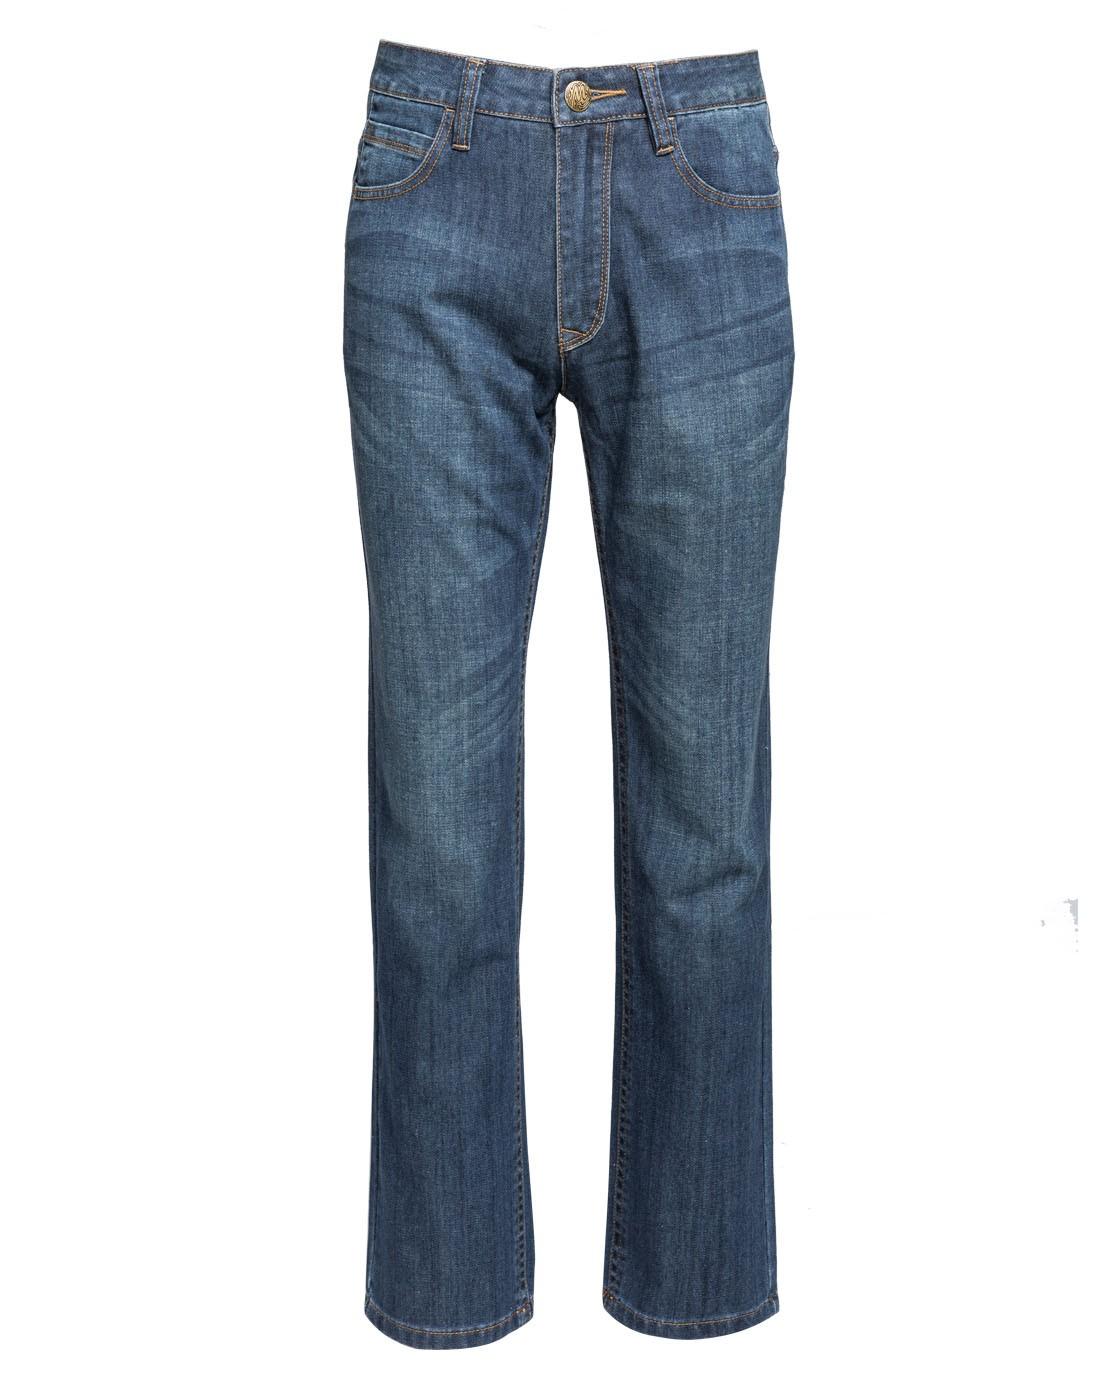 男蓝色牛仔裤